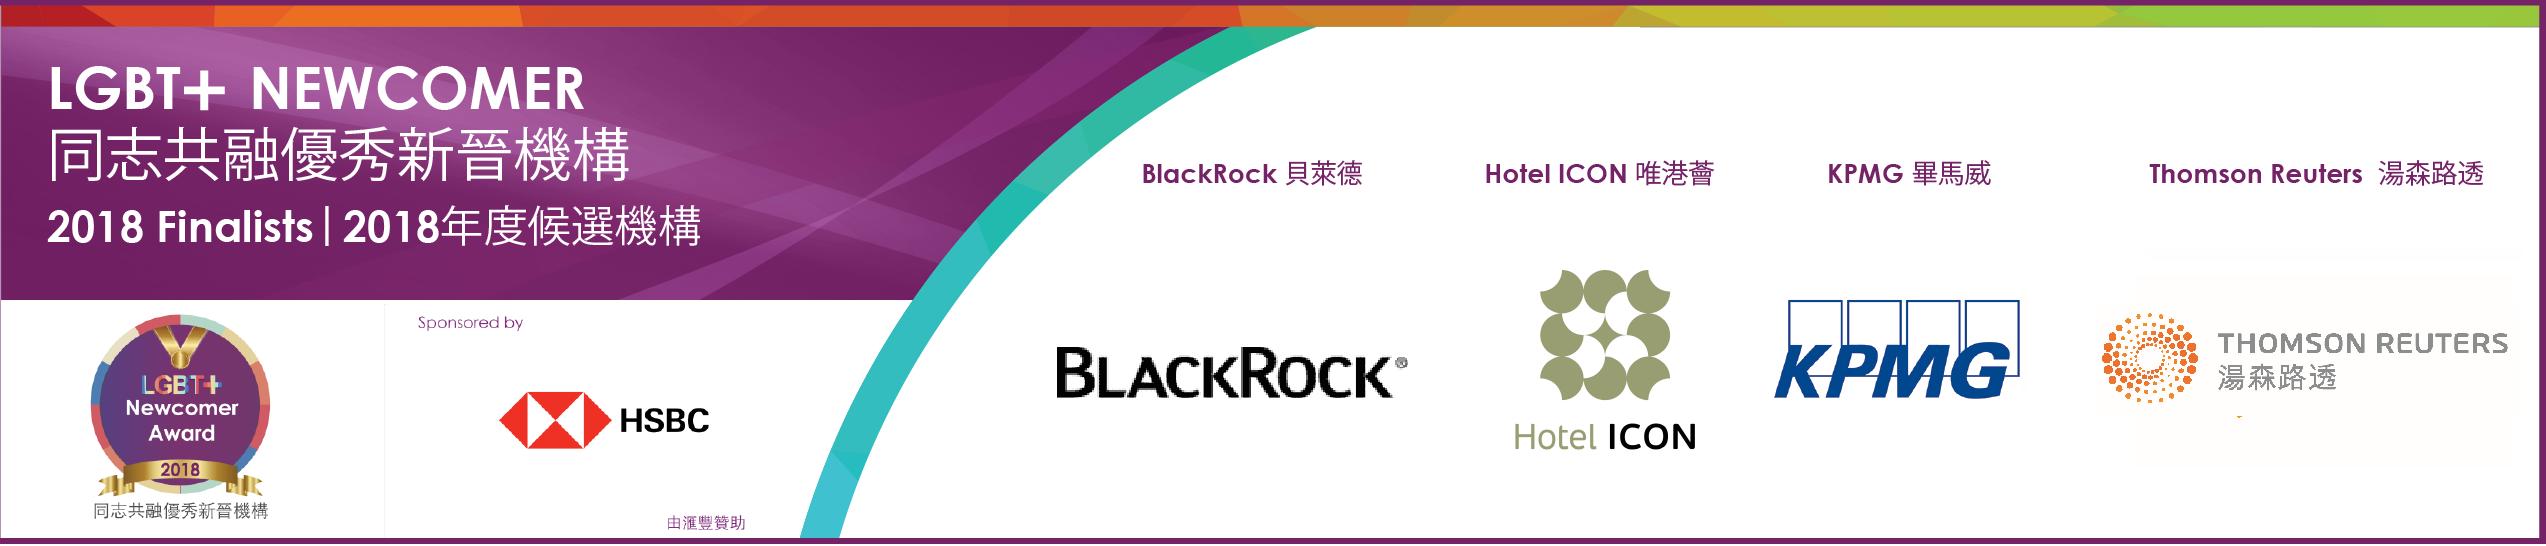 2018 Hong Kong LGBT+ Inclusion Awards - Finalists